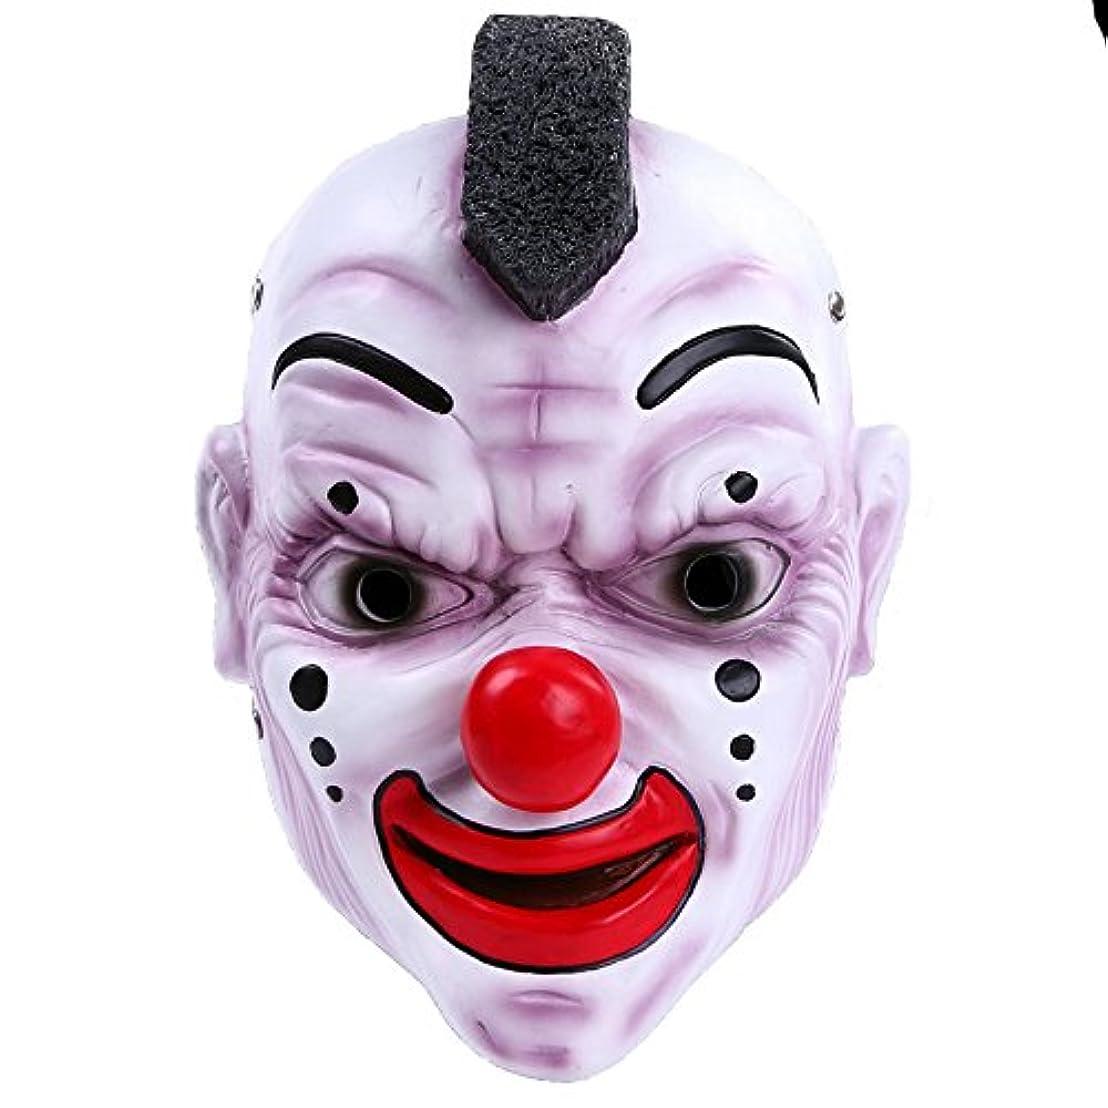 を通して手段ドライブハロウィンバーパーティーマスクスカルバンドマスク赤い鼻ピエロマスク樹脂工芸品マスク